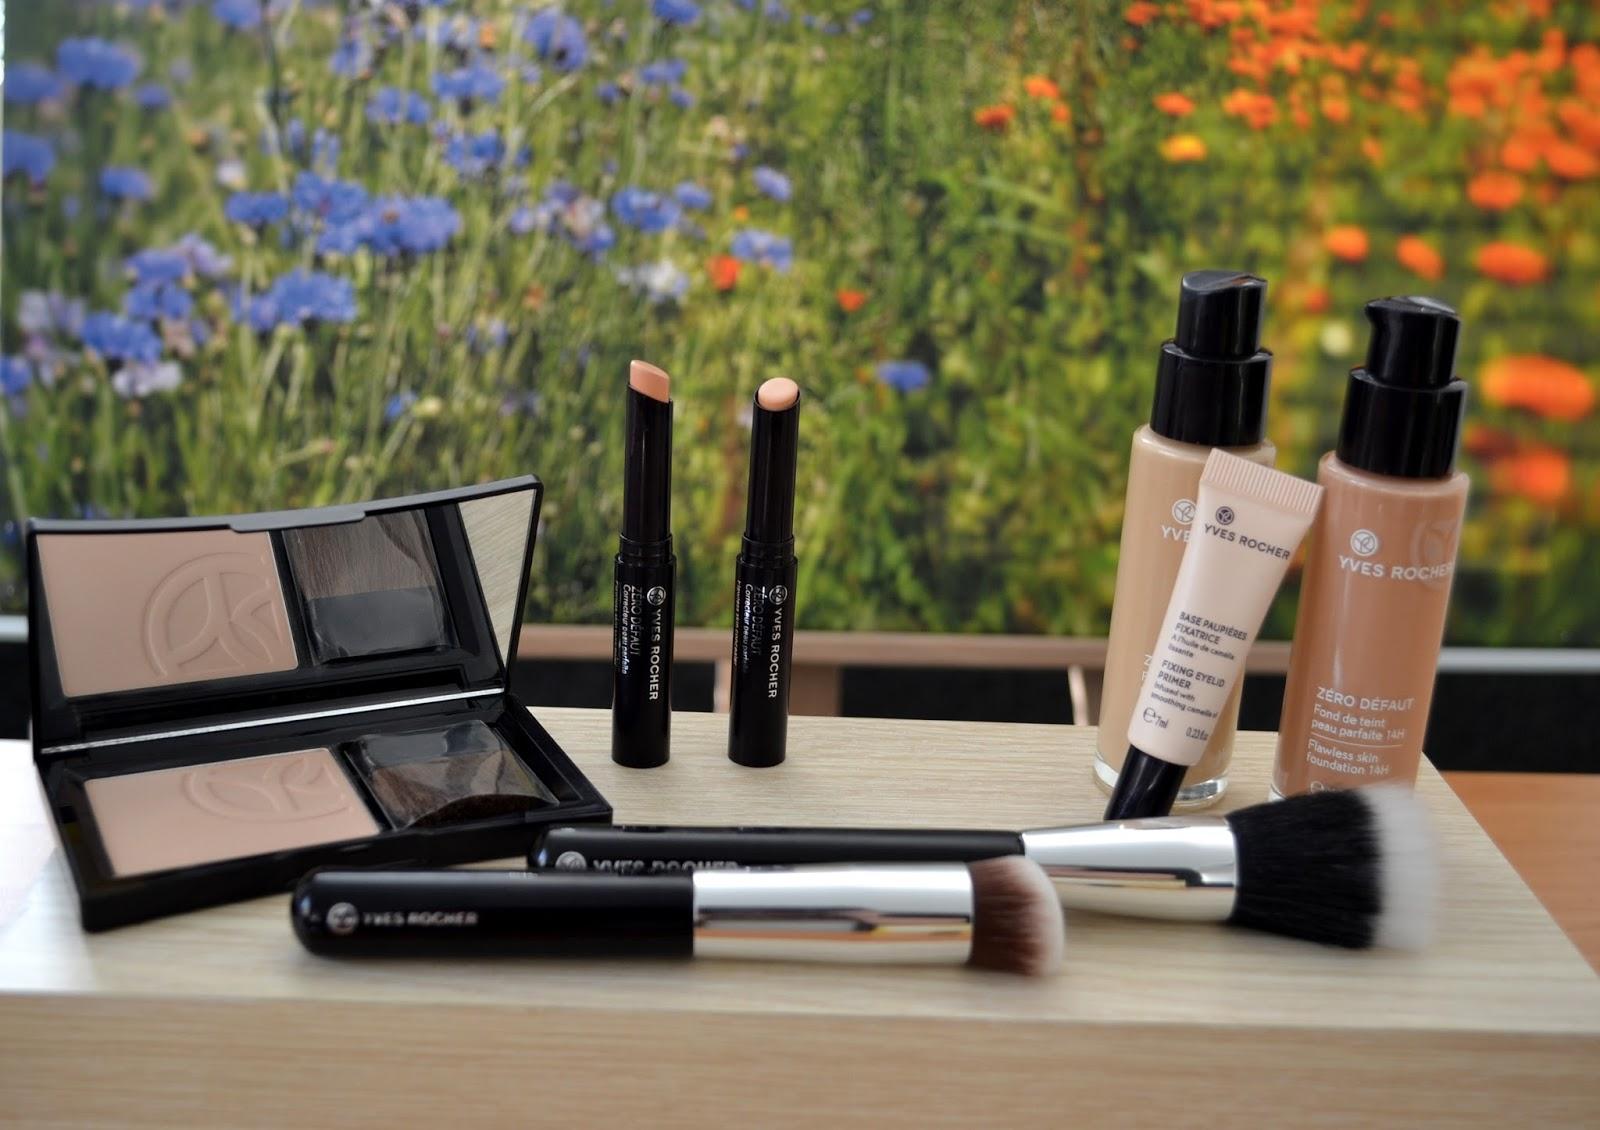 2f7c8b9771 ... make-upu a korektoru se můžete těšit i na dva nové štětce a šťavnatý  sprchový gel. Novinky budou v obchodech dostupné od 9.3  )